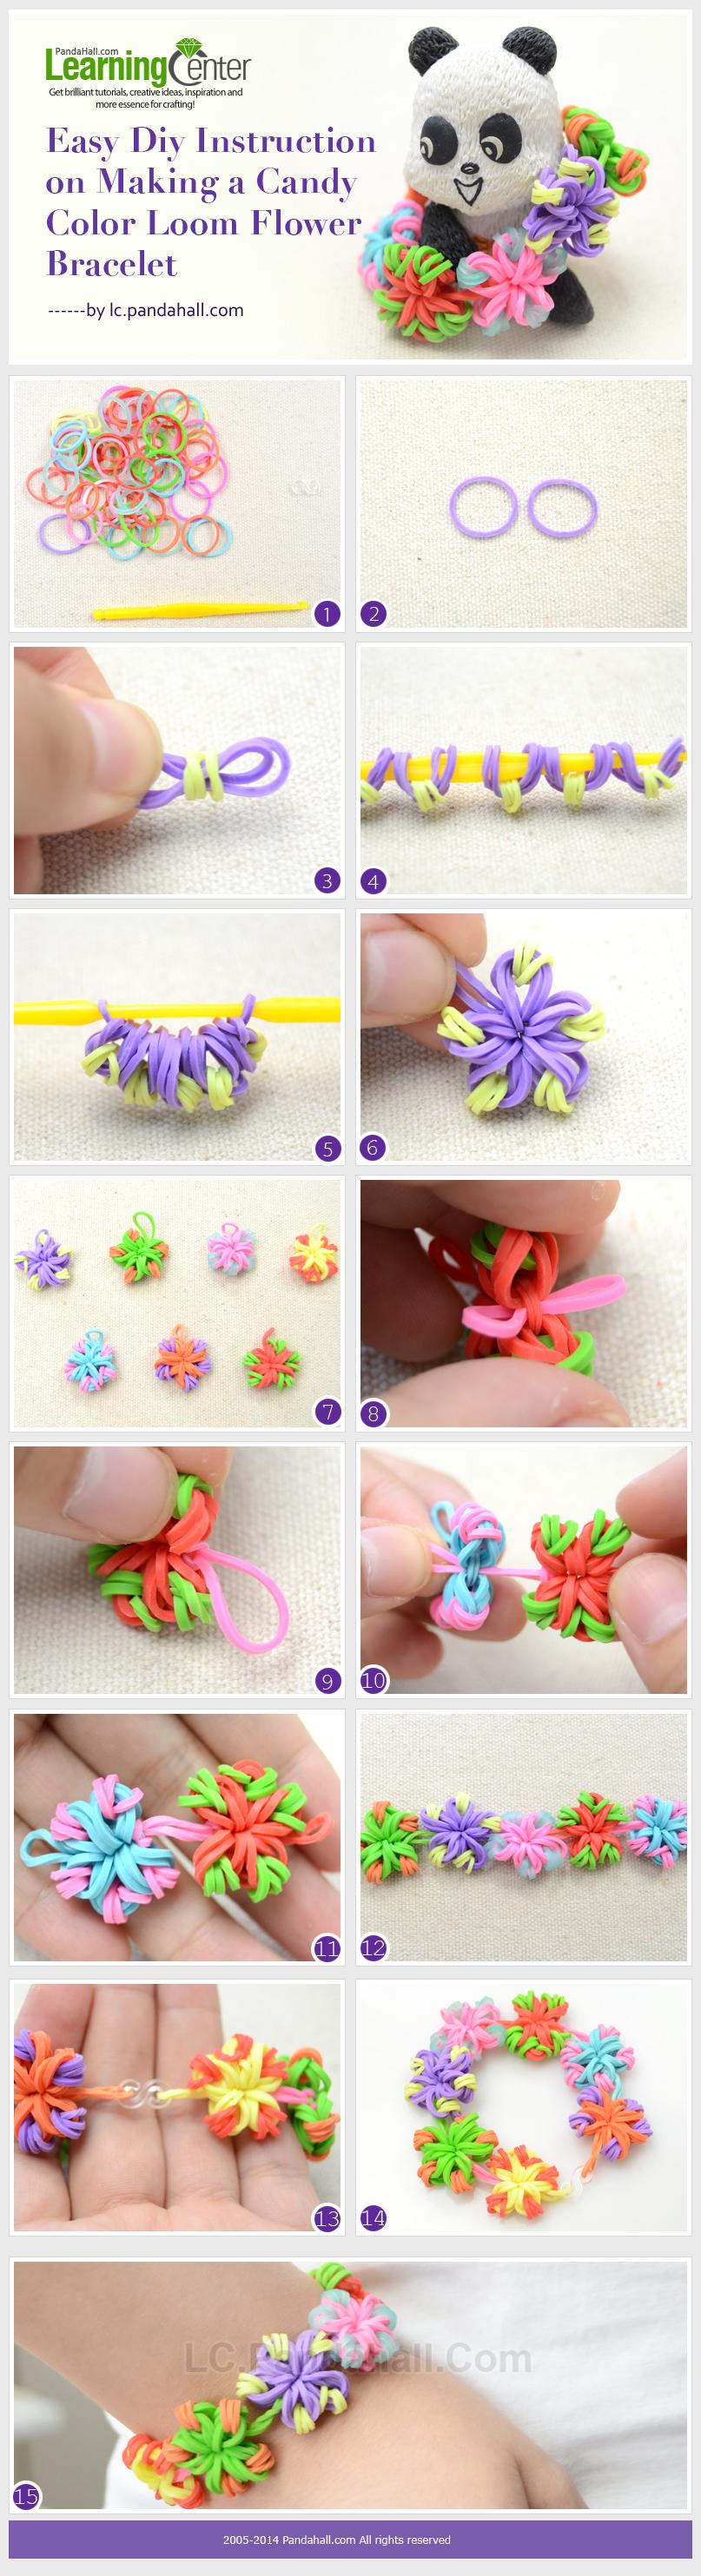 Easy DIY Instruction on Making a Candy Color Loom Flower Bracelet - Kreabarn.dk har Danmarks største udvalg af tilbehør og elastikker til loom, fun loom og rainbow loom.